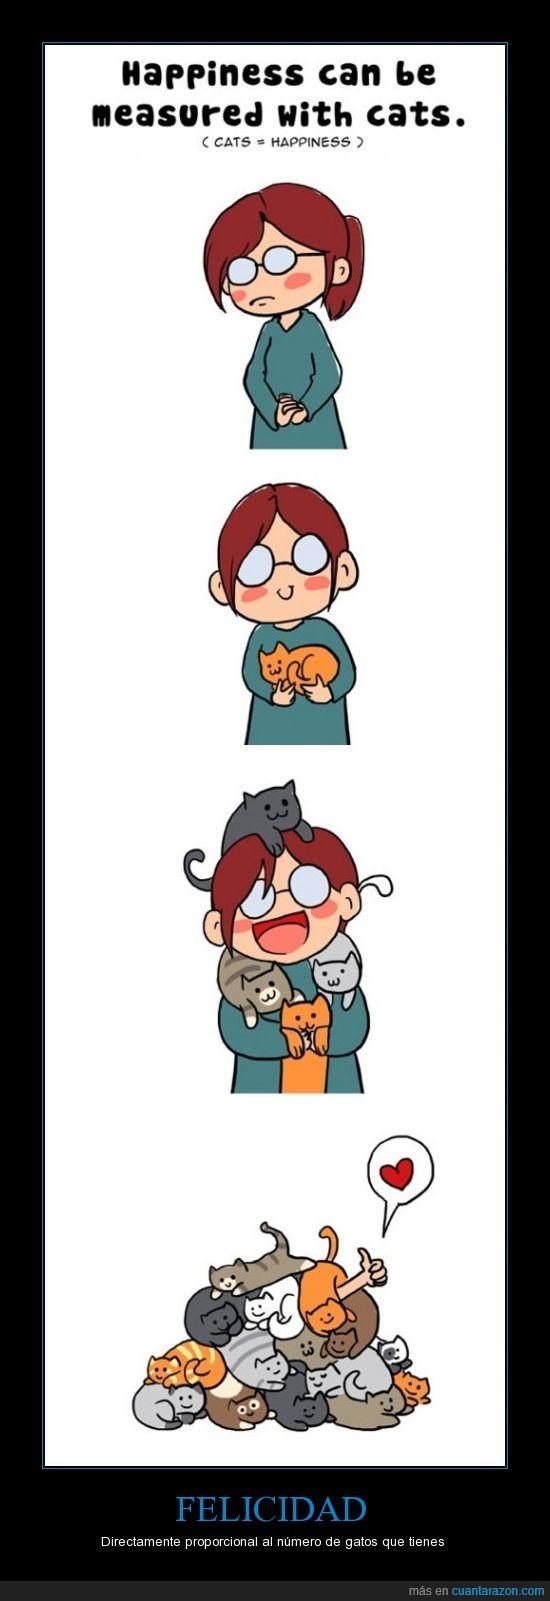 amor,comic,corazon,felicidad,feliz,gato,gatos,loca,medir,tiernos